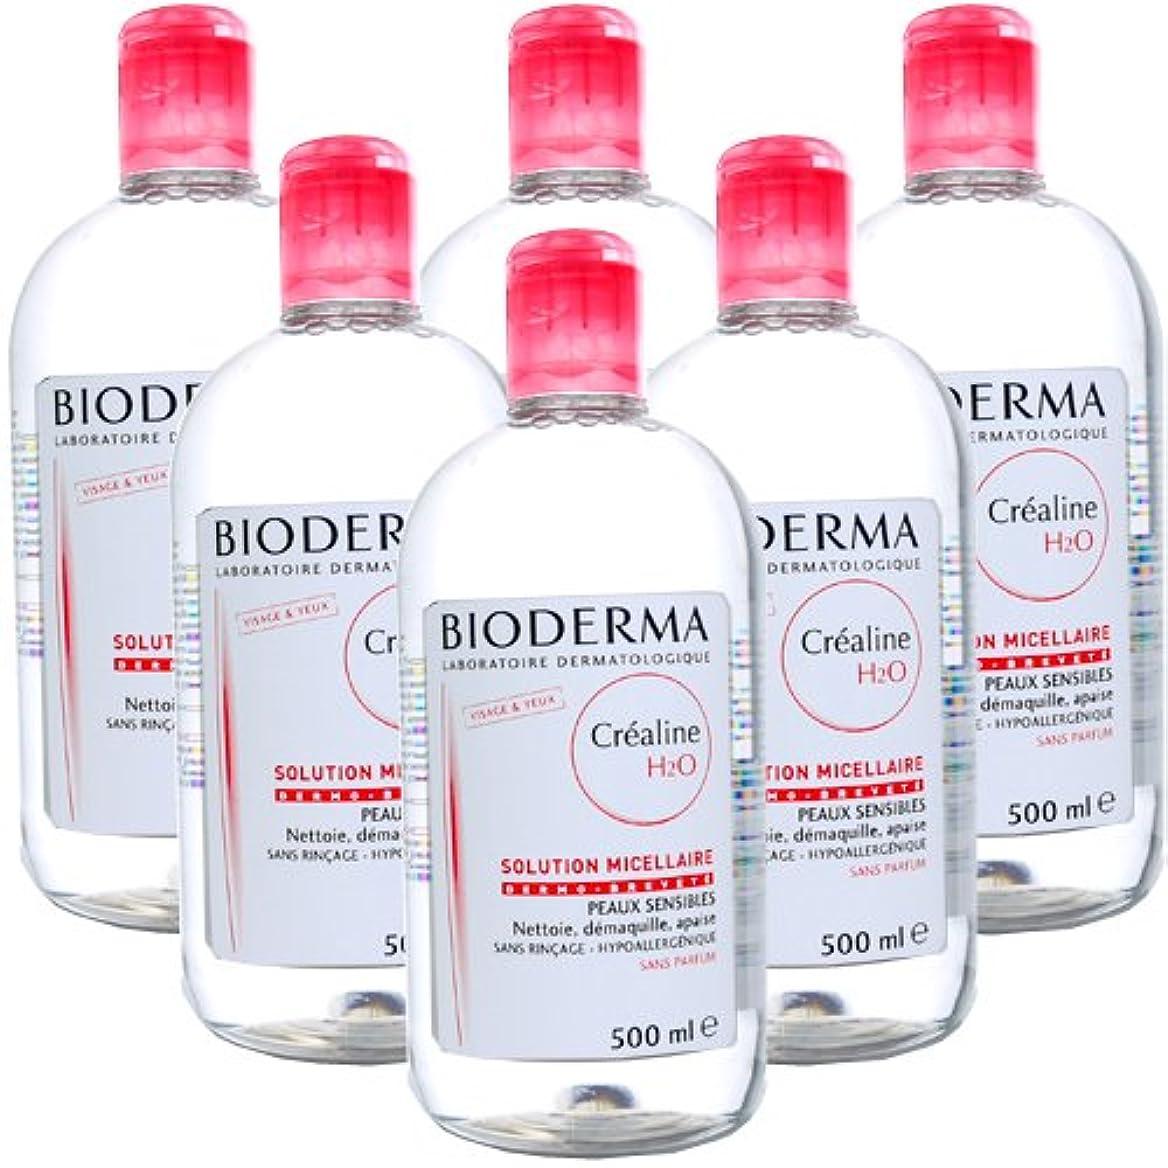 高架明確な手段ビオデルマ BIODERMA サンシビオ H2O (エイチ ツーオー) D 500mL 【6本セット】 [並行輸入品]